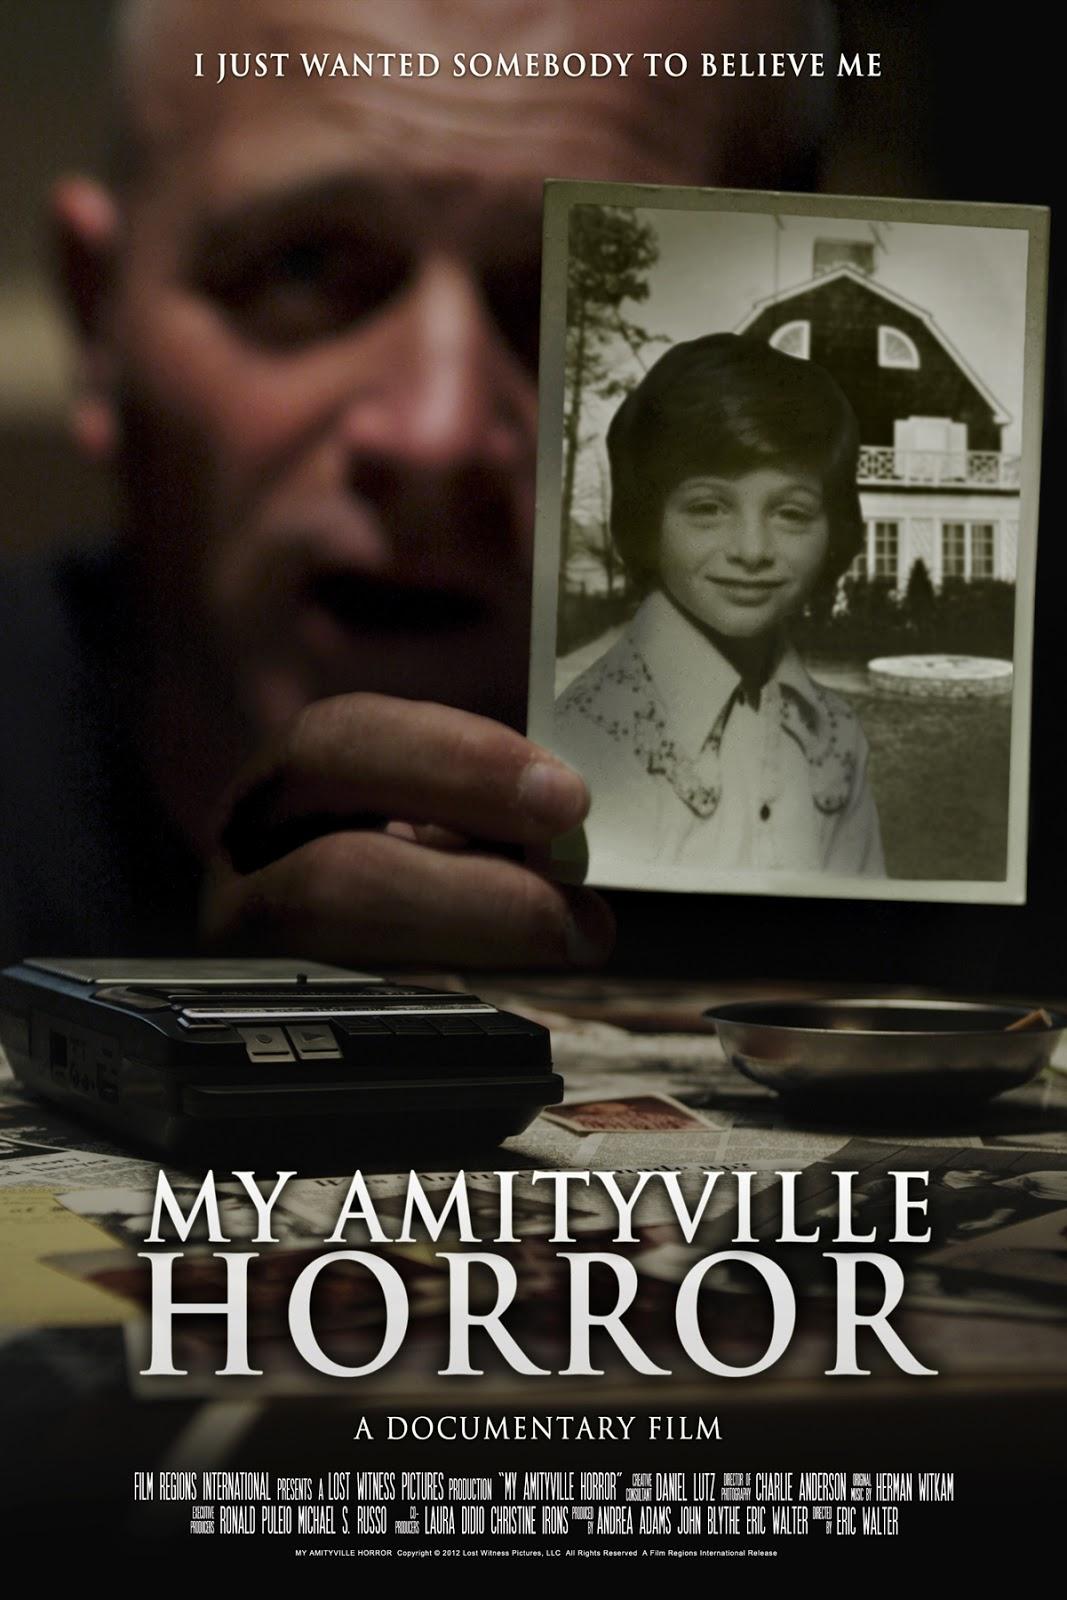 My Amityville Horror (2013)